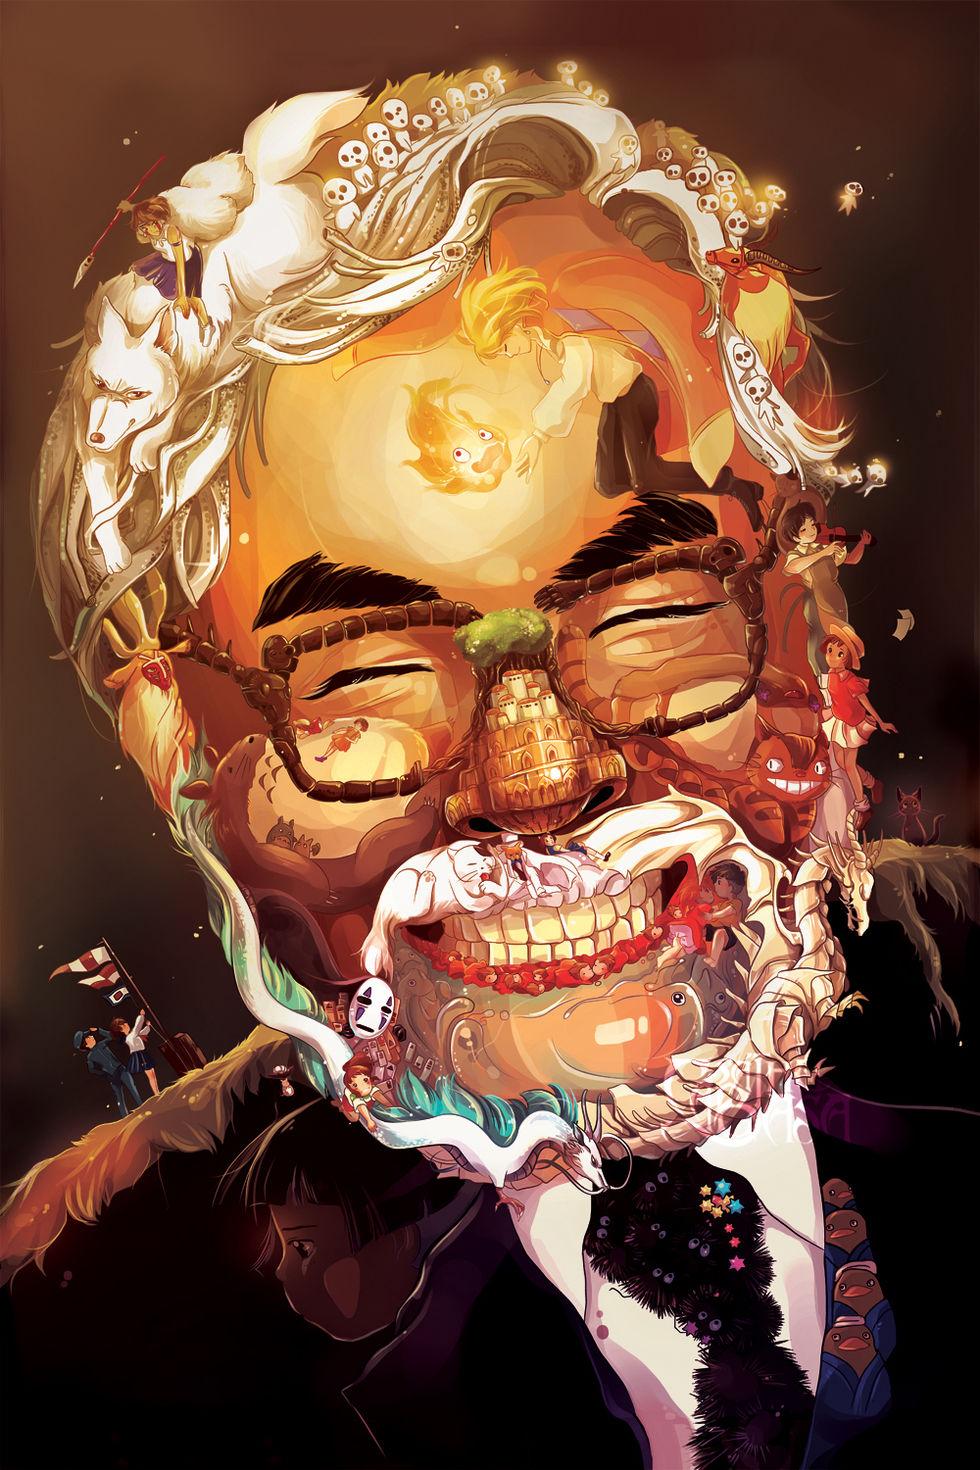 Hyllningsporträtt av Hayao Miyazaki